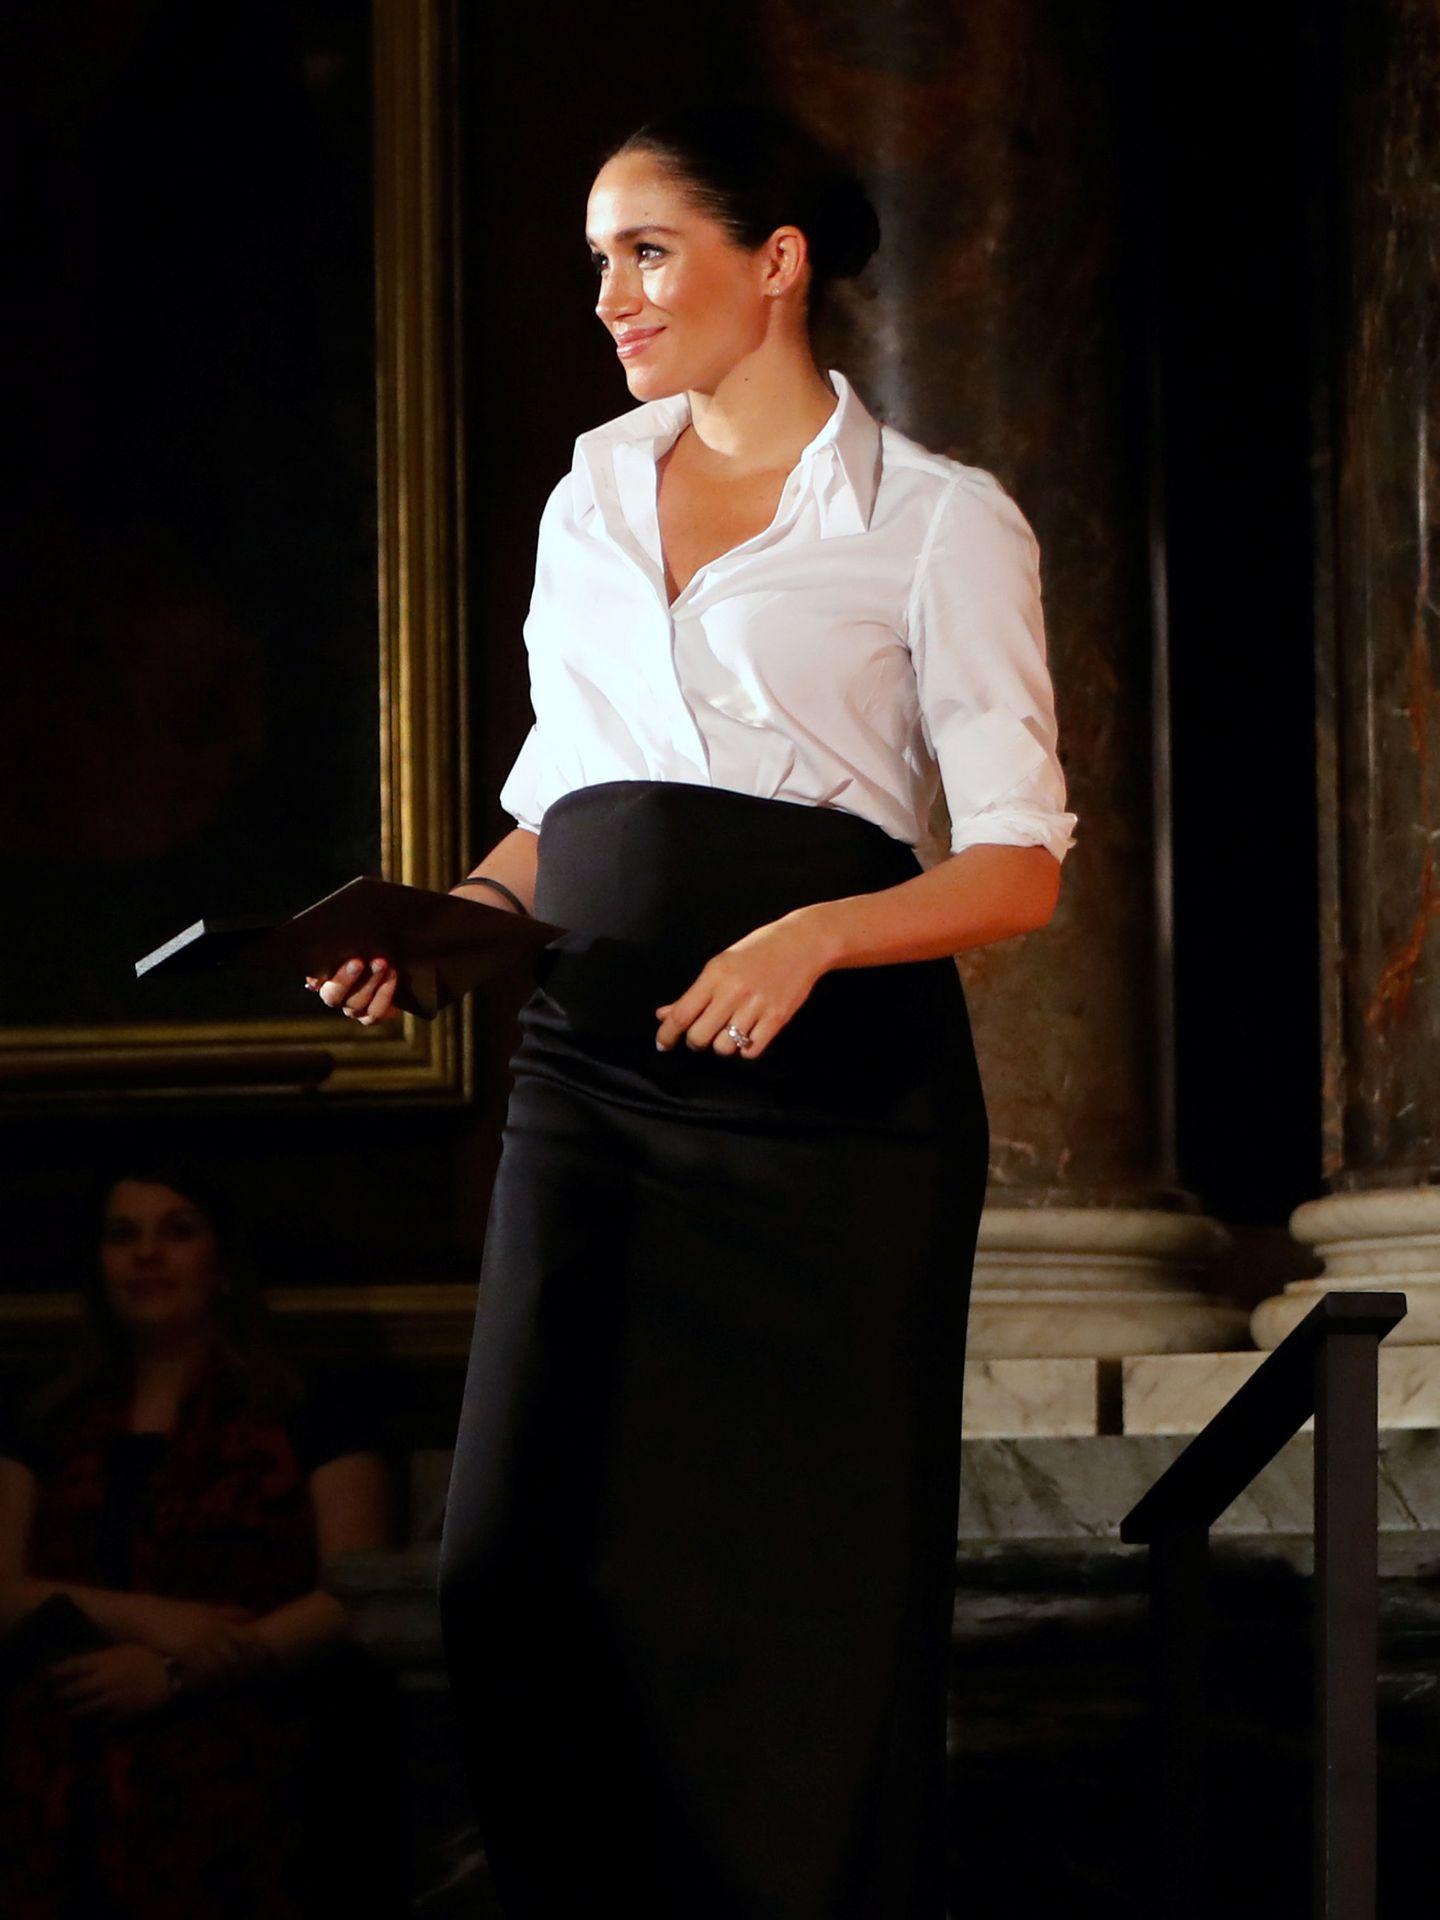 Meghan Markle con look de camisa blanca y falda negra en una gala de premios. (Reuters)